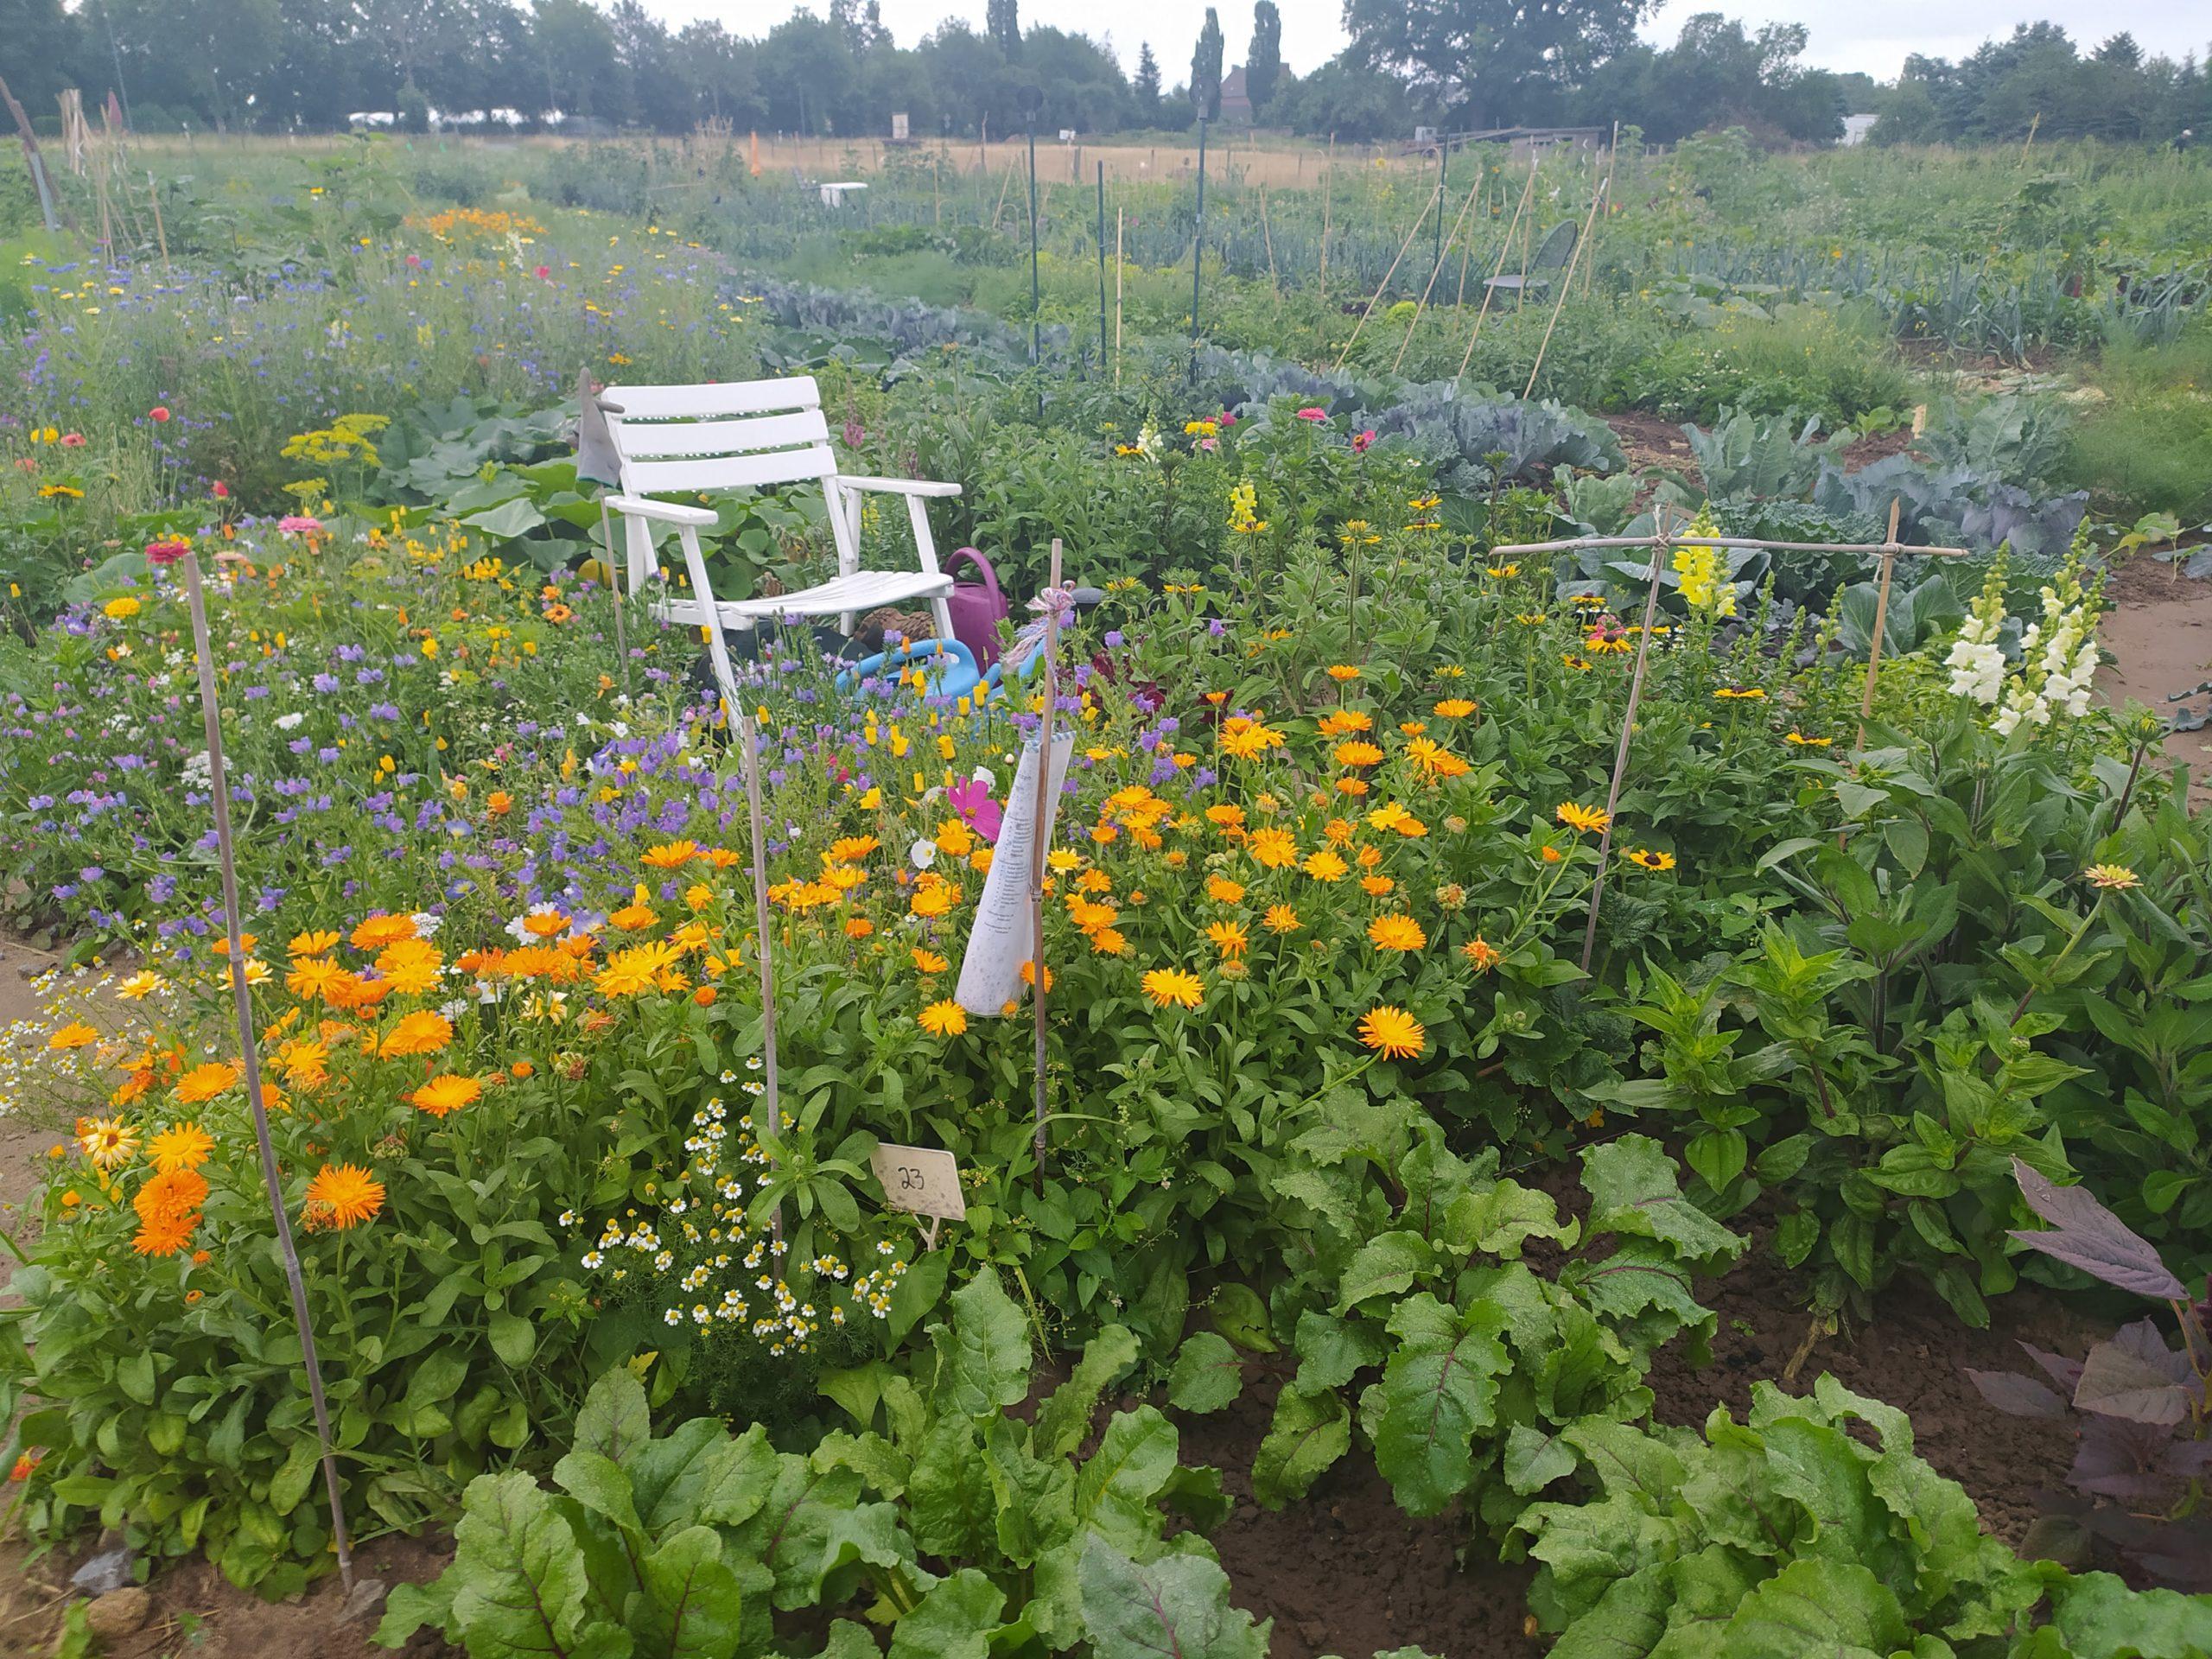 Blick auf den Gemüseanbau der Selbst-Ernte Hof am Deich